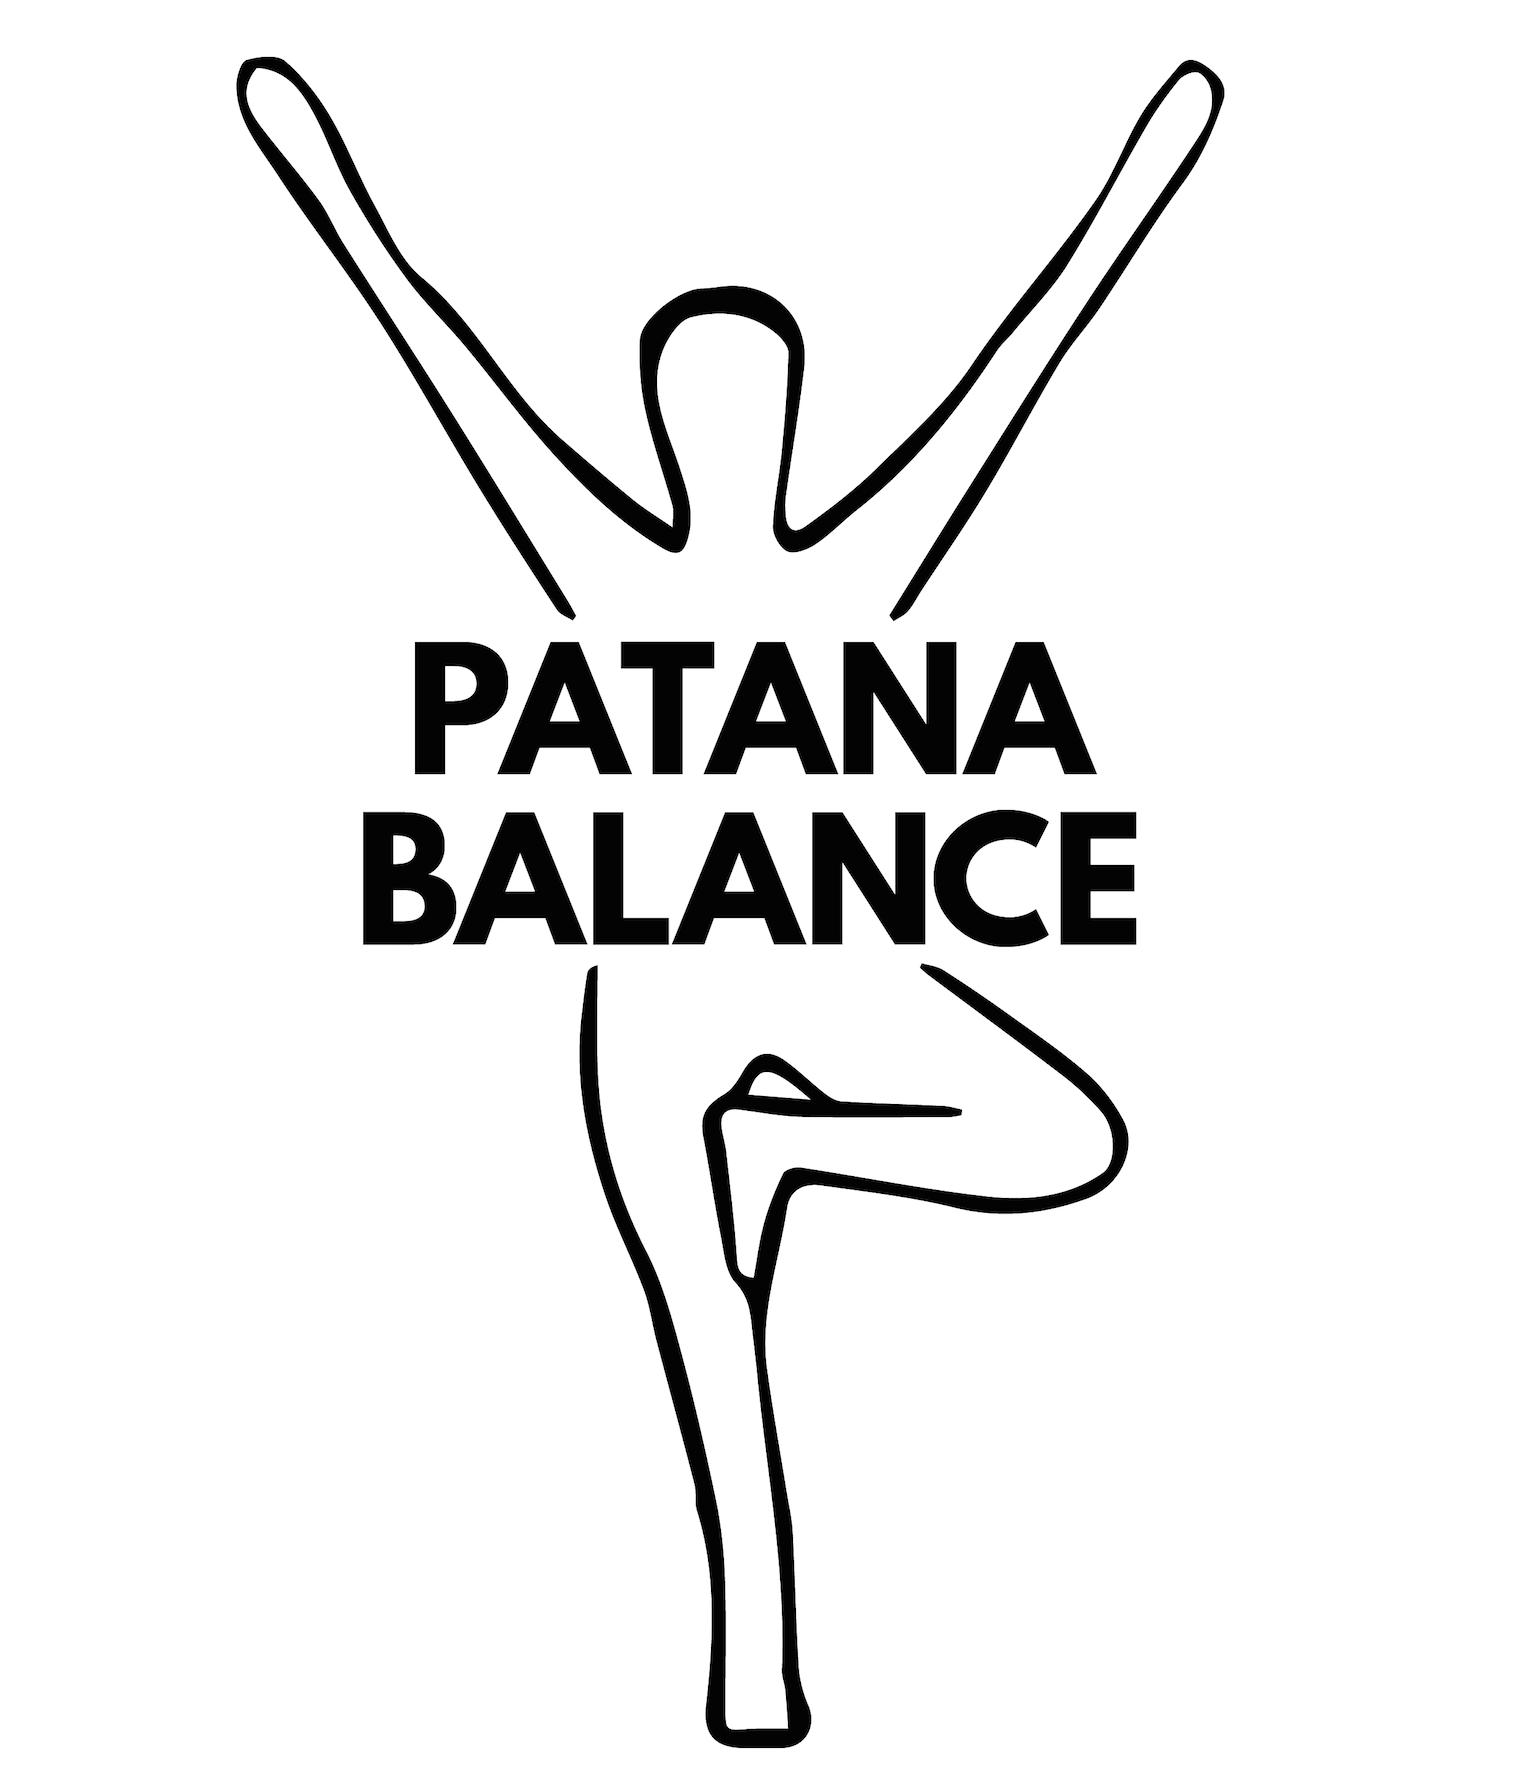 Patana Balance